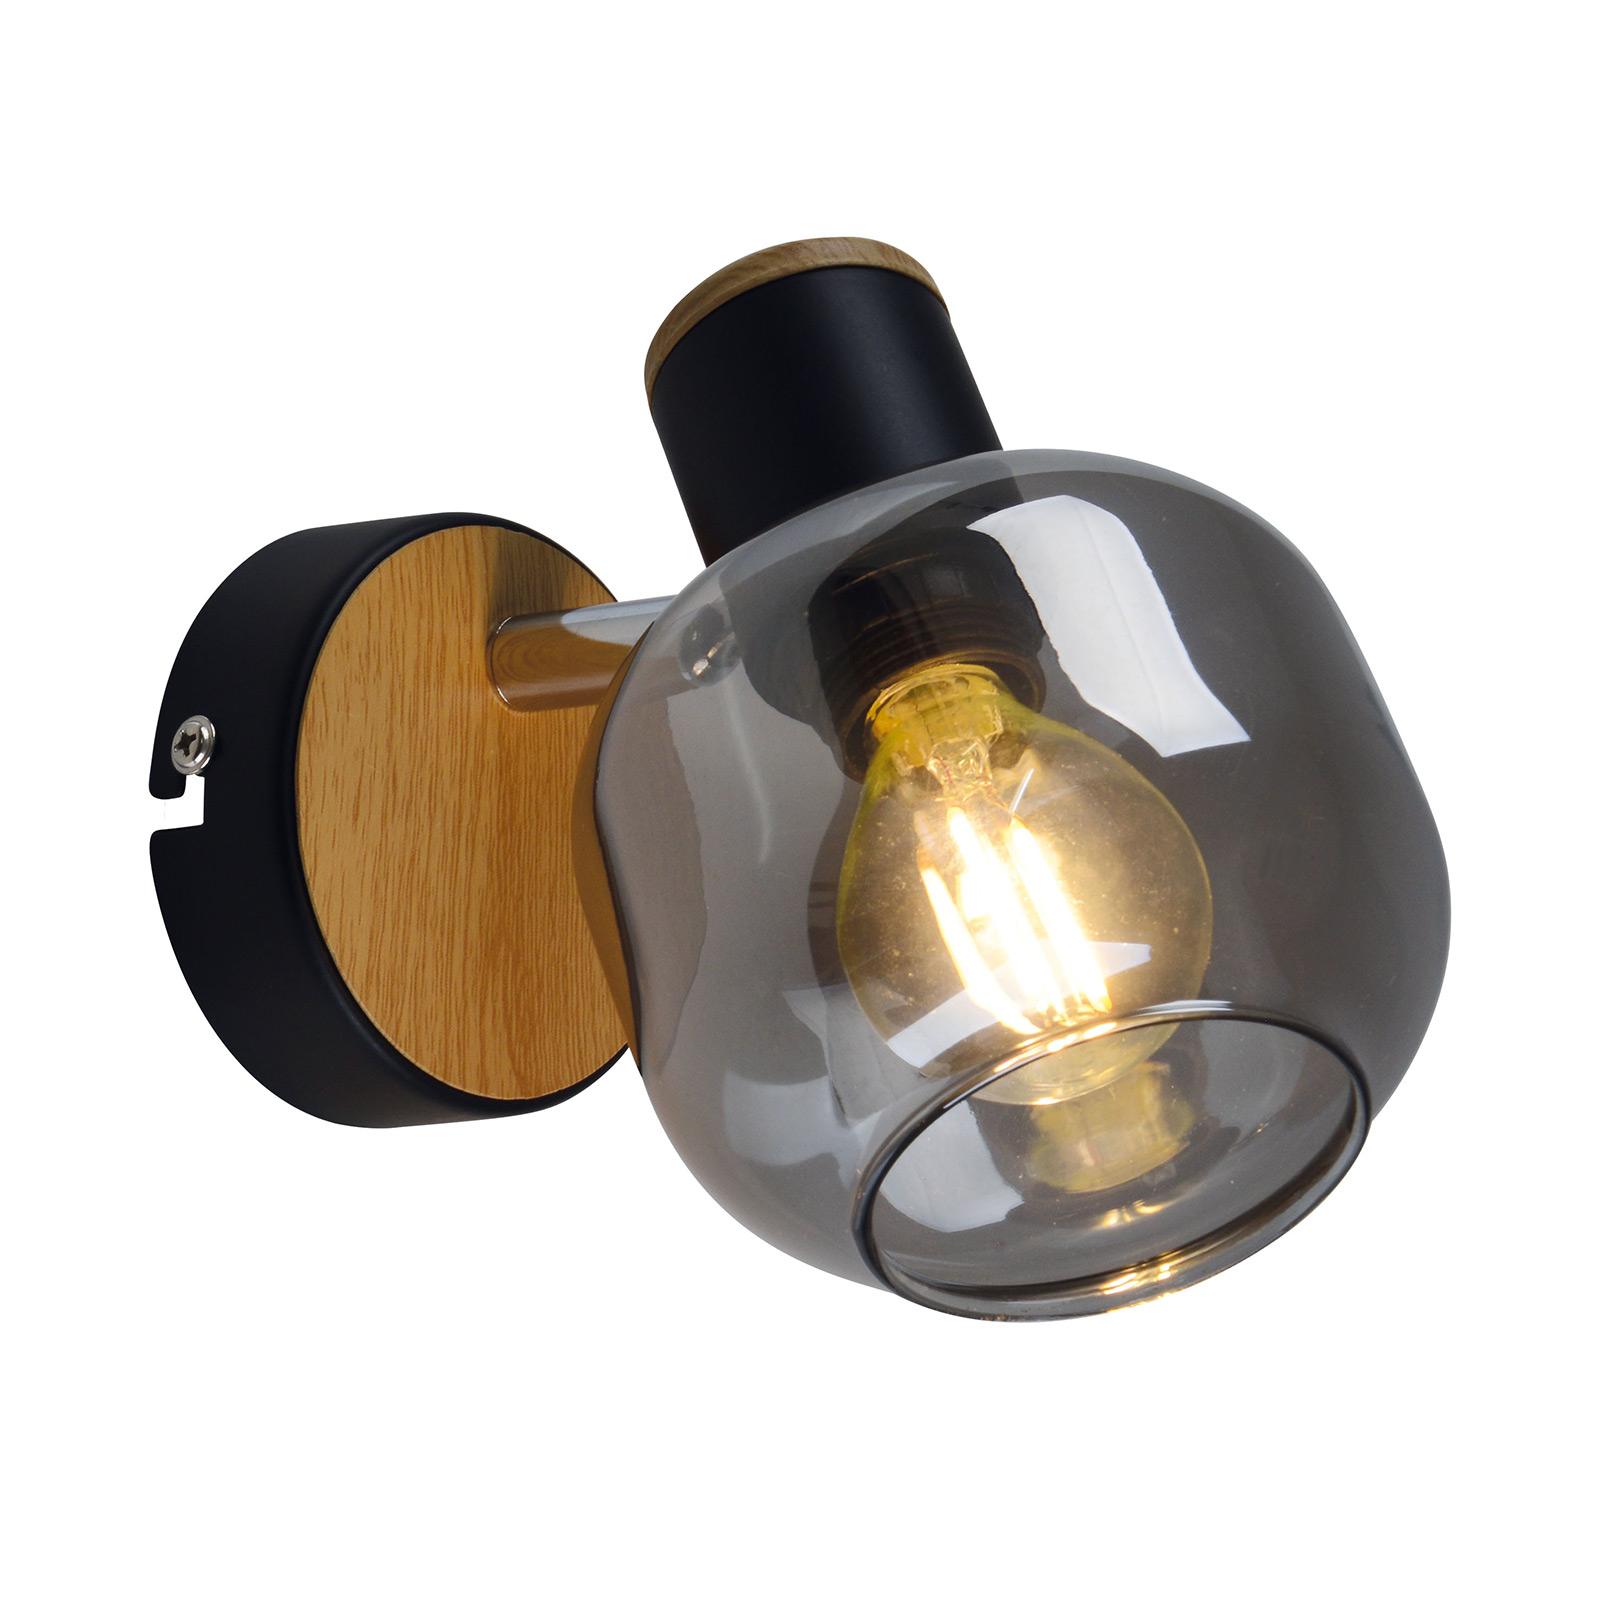 Vegglampe 1350022 med røykglass, en lyskilde